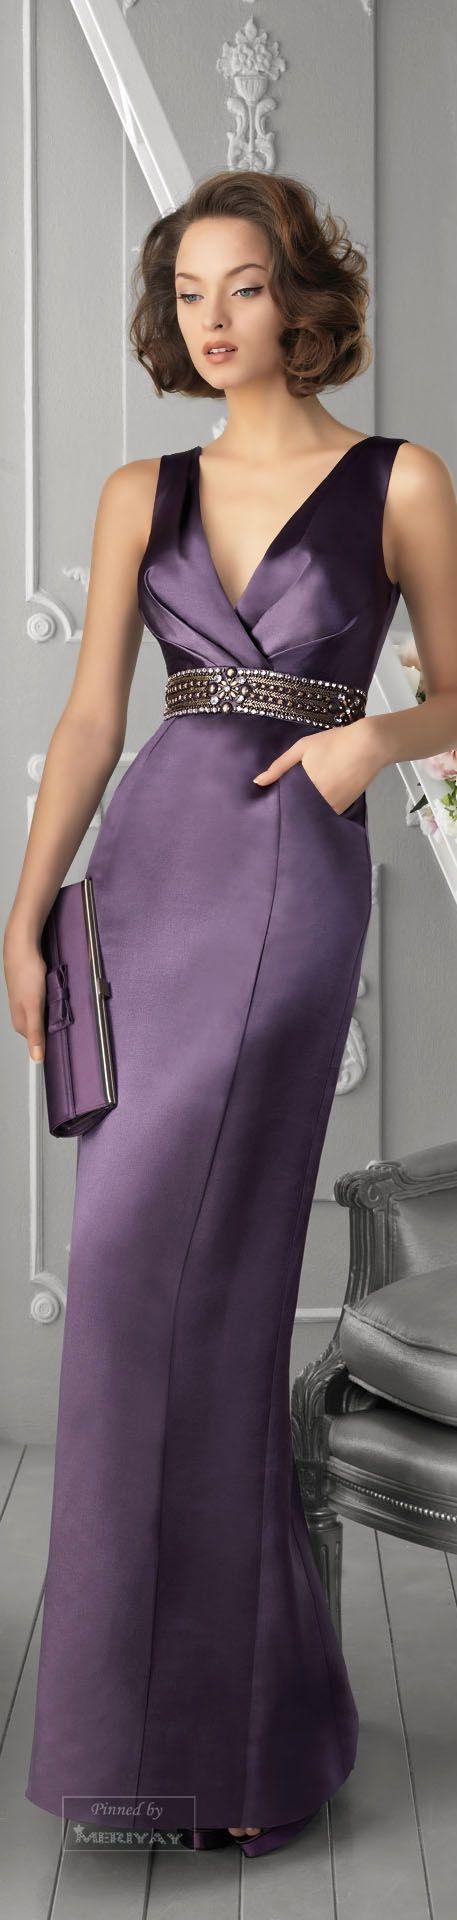 Visita nuestra pagina para ver más modelos! ❤❤❤ www.modainnovadora.com ❤❤❤ Visit…